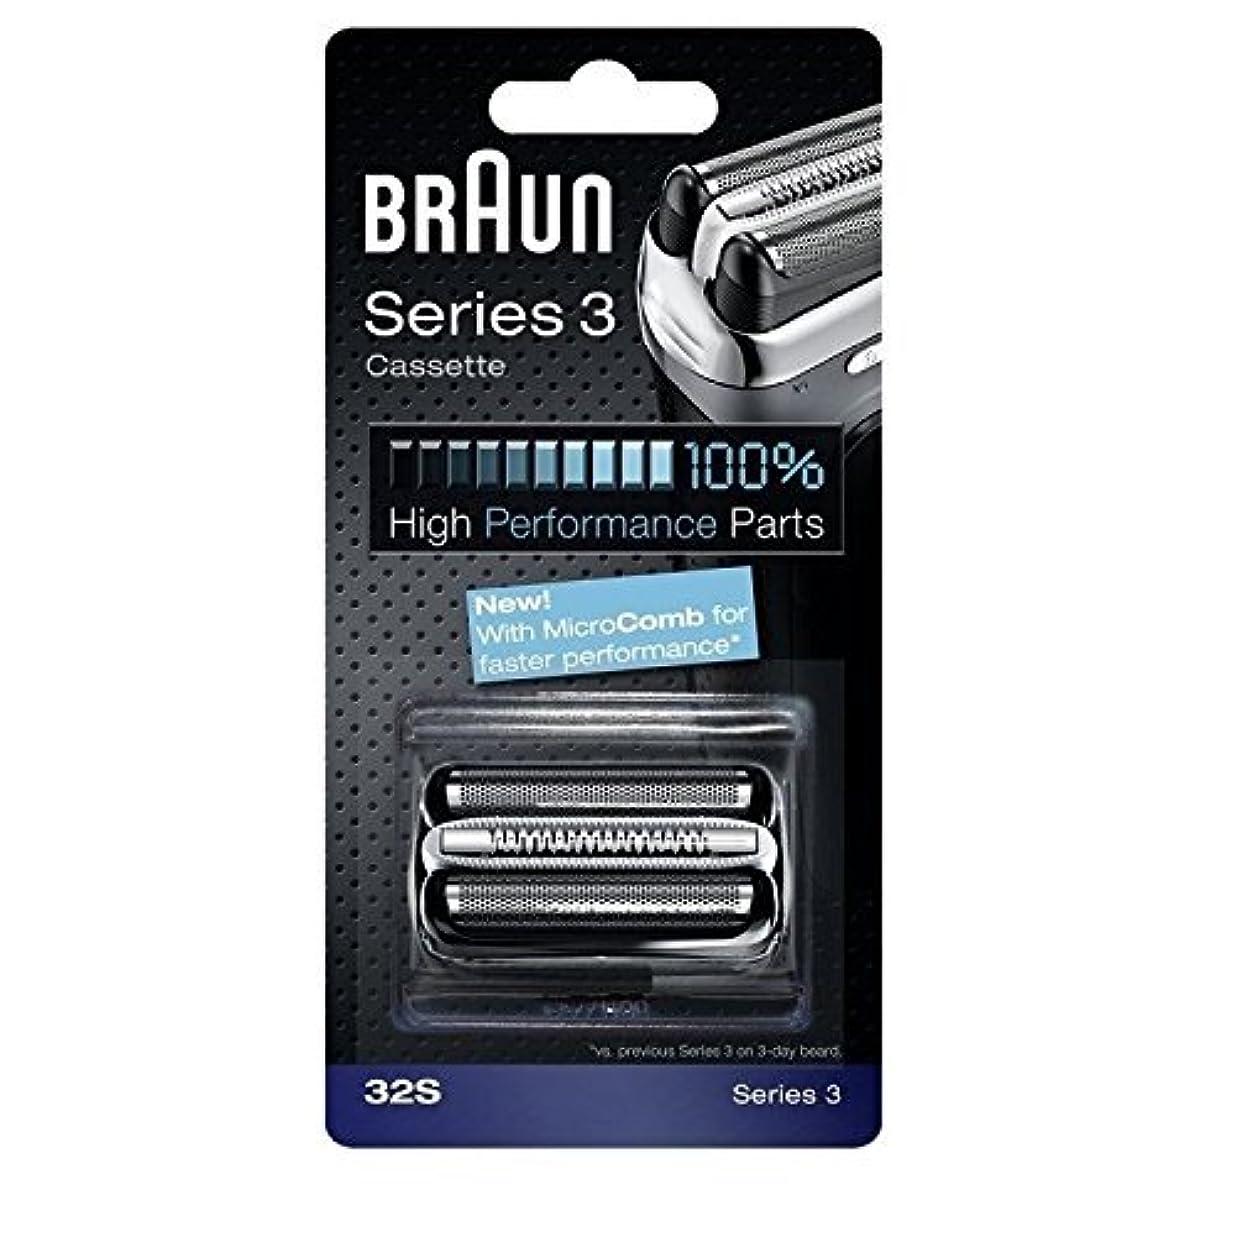 強化ダブル機知に富んだBraun 32S シリーズ3コンビ 32S 置換カセット [並行輸入品]